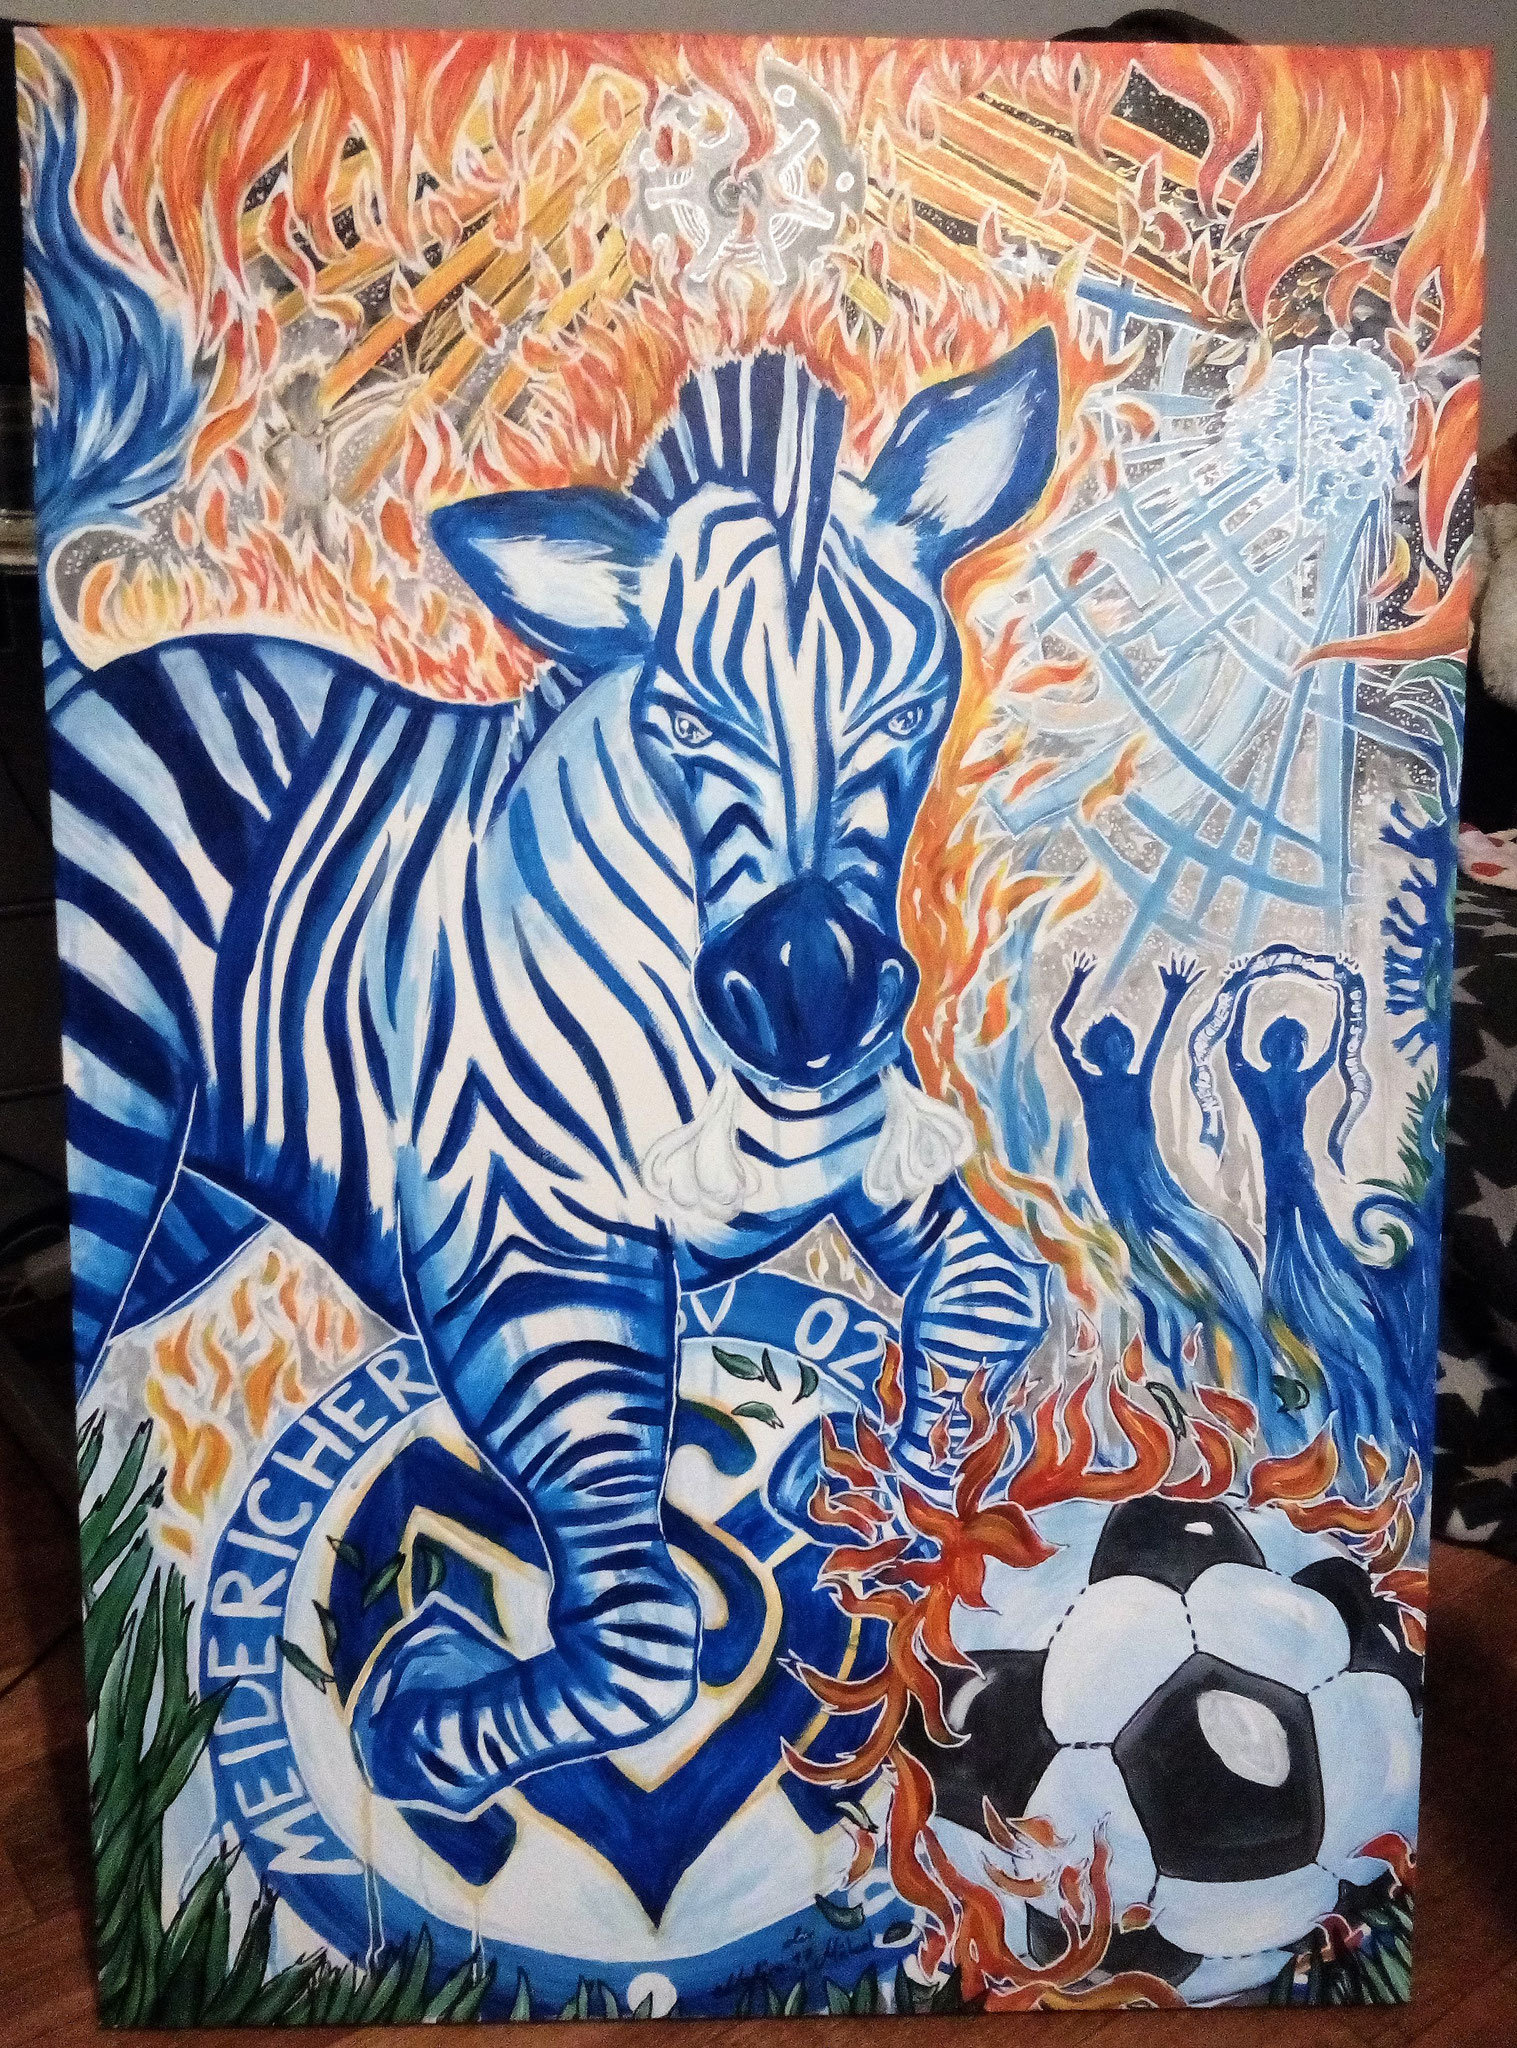 Das leidenschaftliche Zebra 100x70cm Baumwollleinwand 300g November 2017 Auftragsarbeit für ein Geburtstagsgeschenk